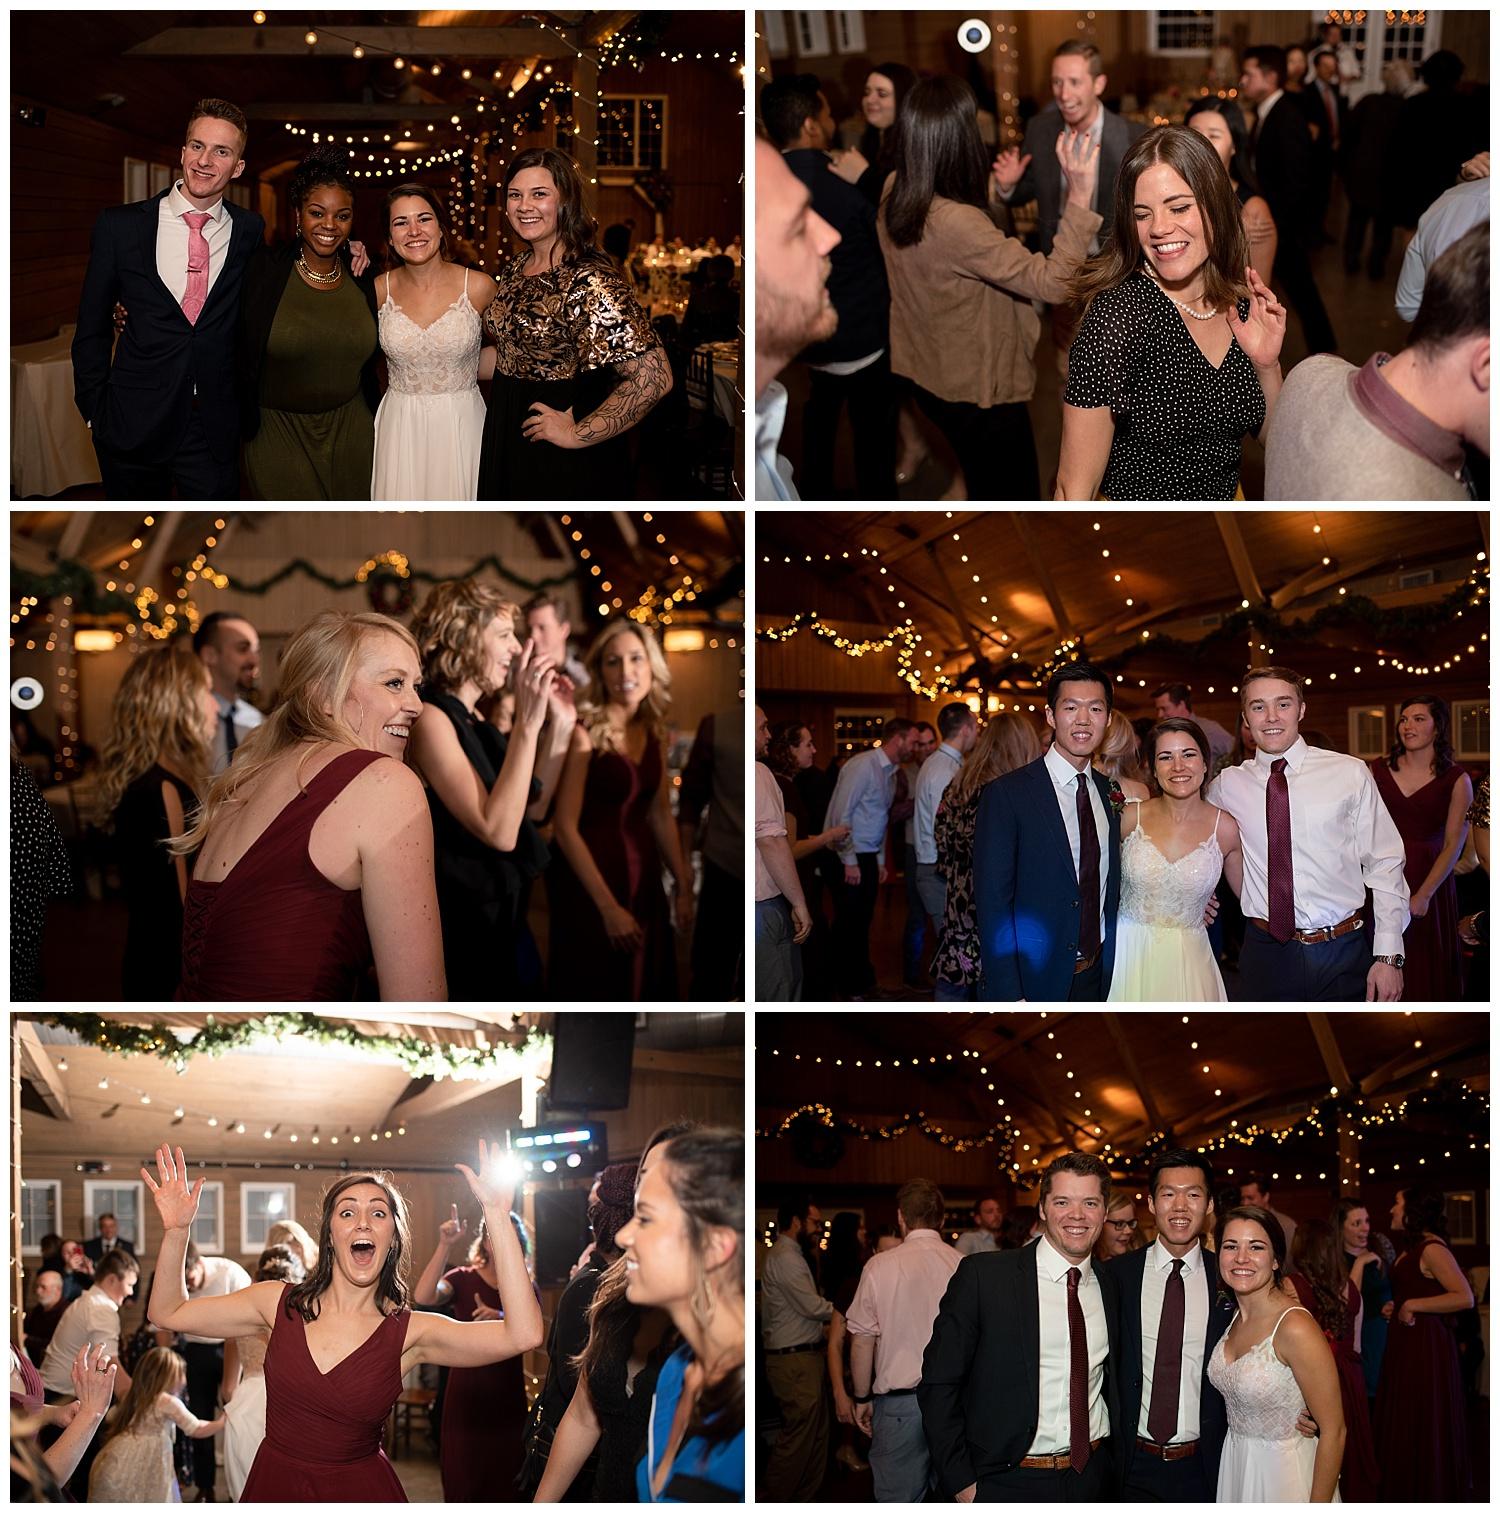 Wedding at the barn at raccoon creek, Country club wedding denver, Barn wedding colorado, Colorado Wedding Photographer, Denver Wedding Photographer, Denver Colorado Wedding Photographer, Downtown Denver Wedding Photographer, Small Colorado Wedding Photographer, Colorado Lifestyle Photographer